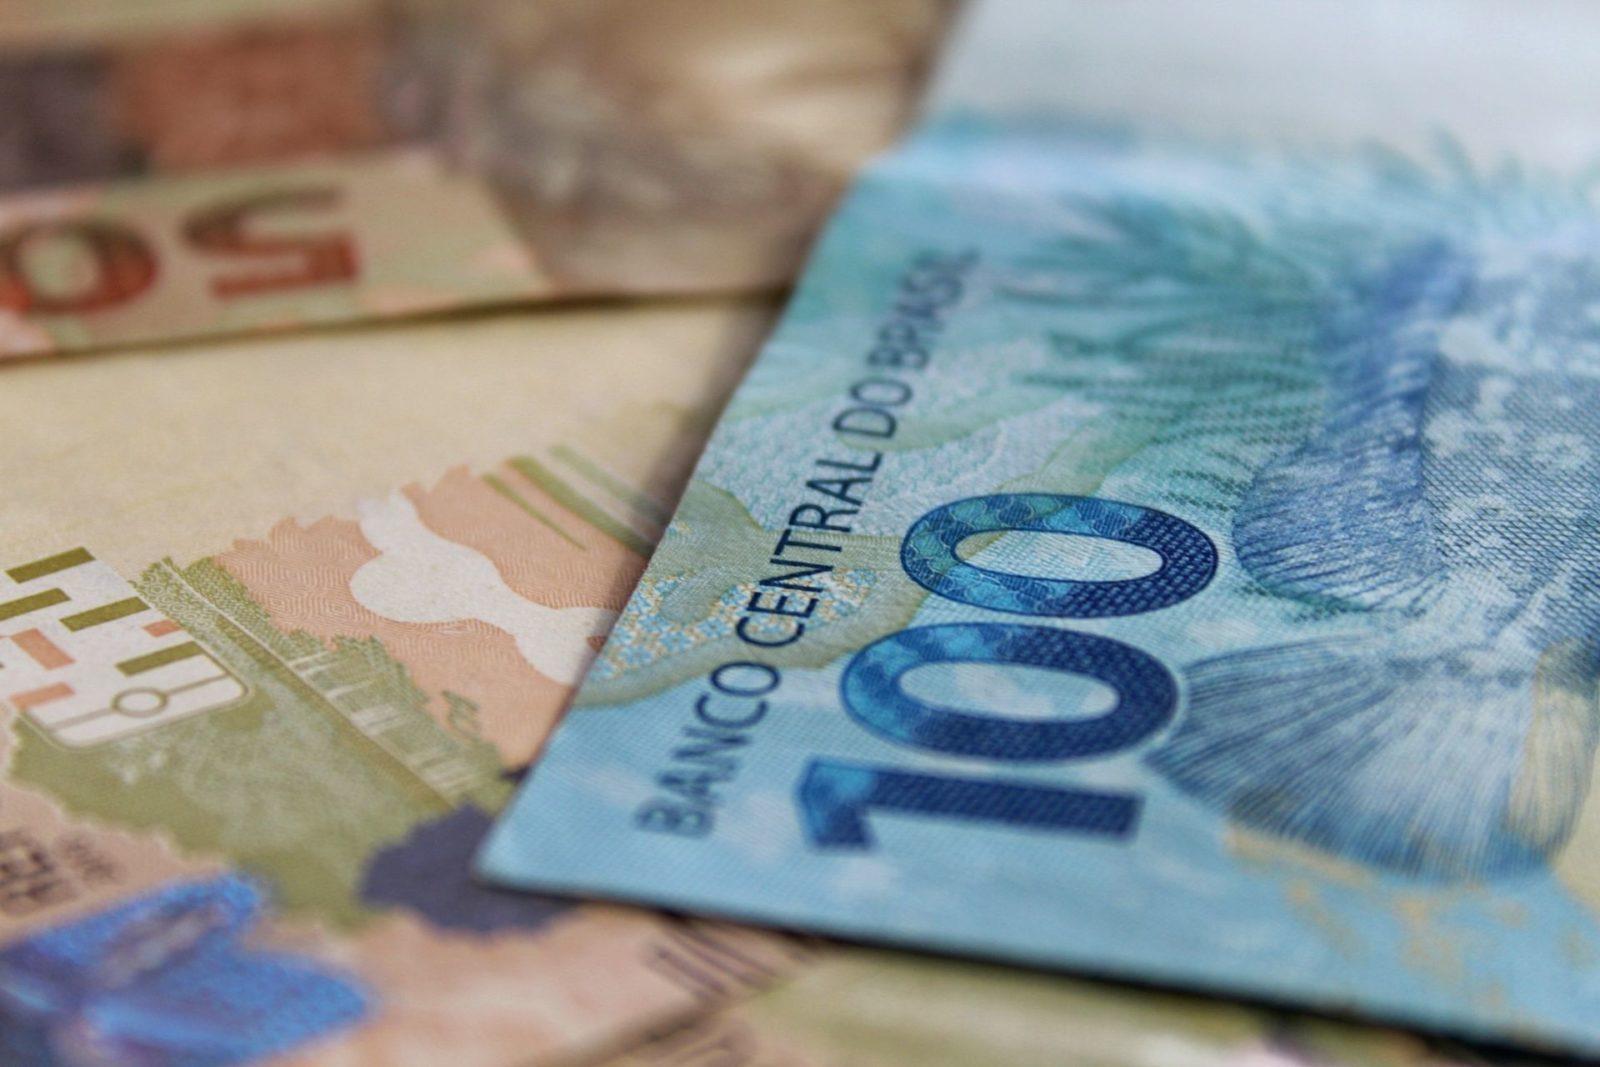 notas de dinheiro real deposito judicial bancos publicos precato precatorio